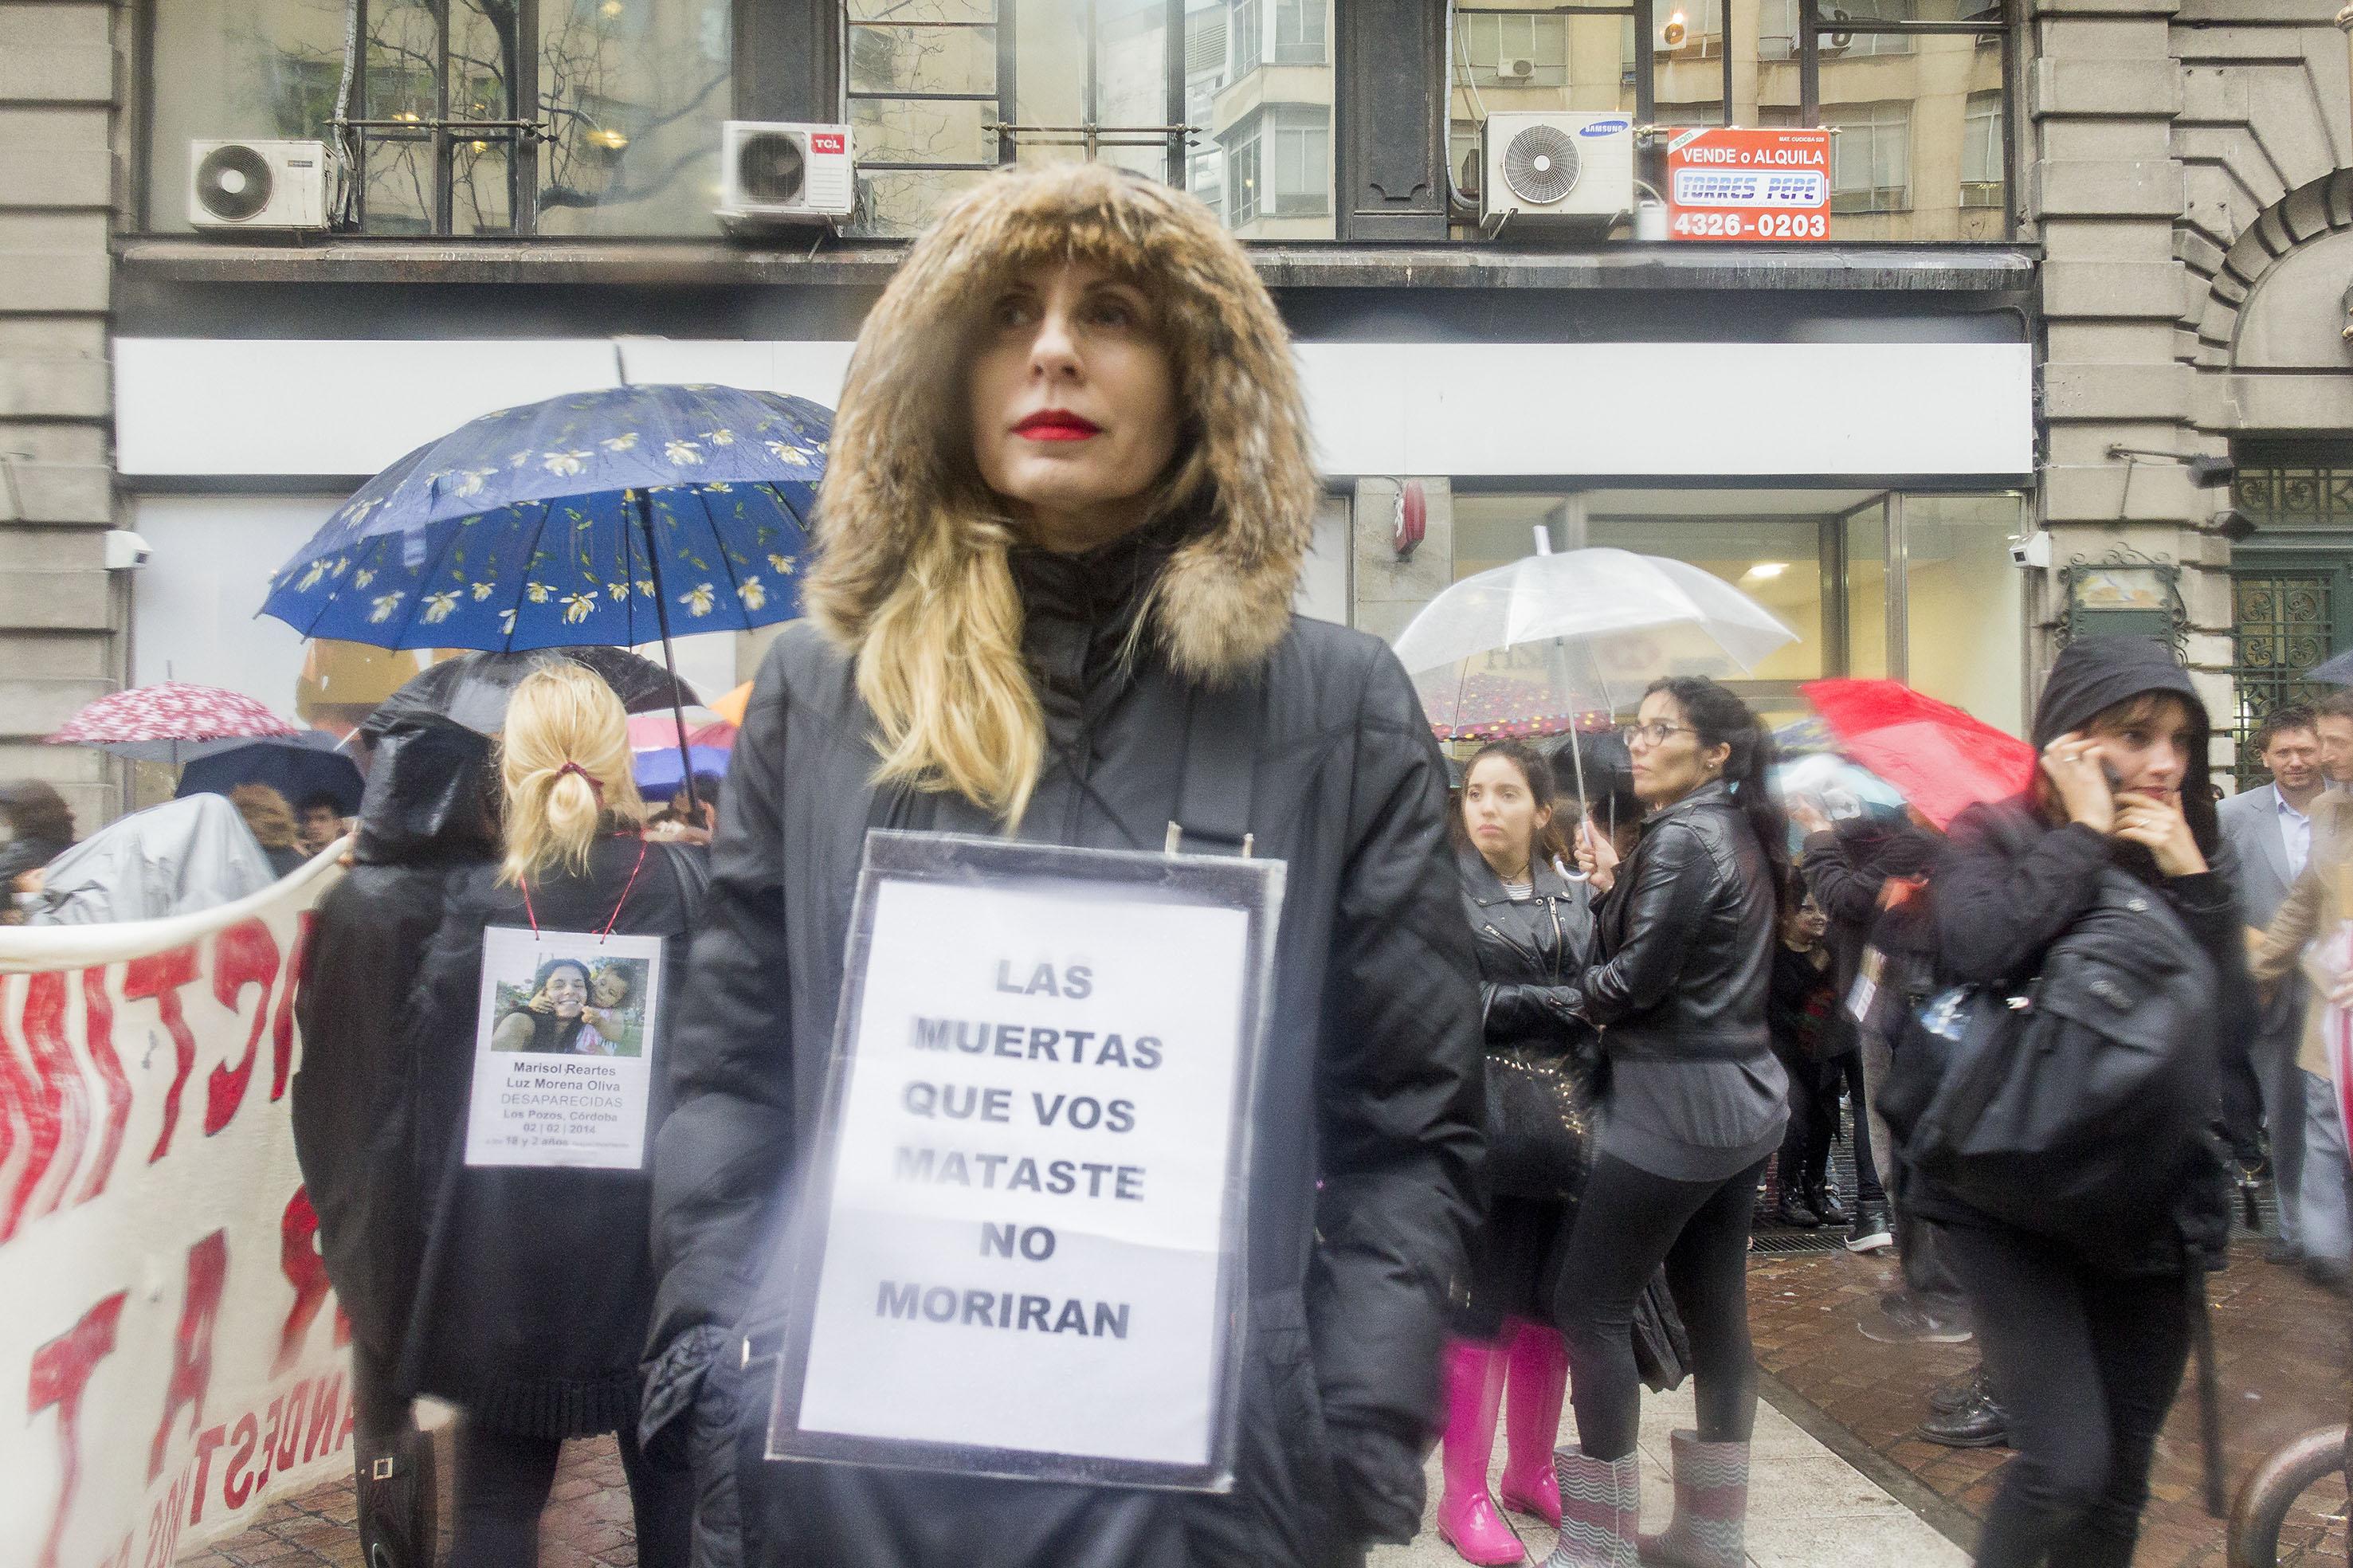 #NosotrasParamos: Marcha contra la violencia de género en Argentina